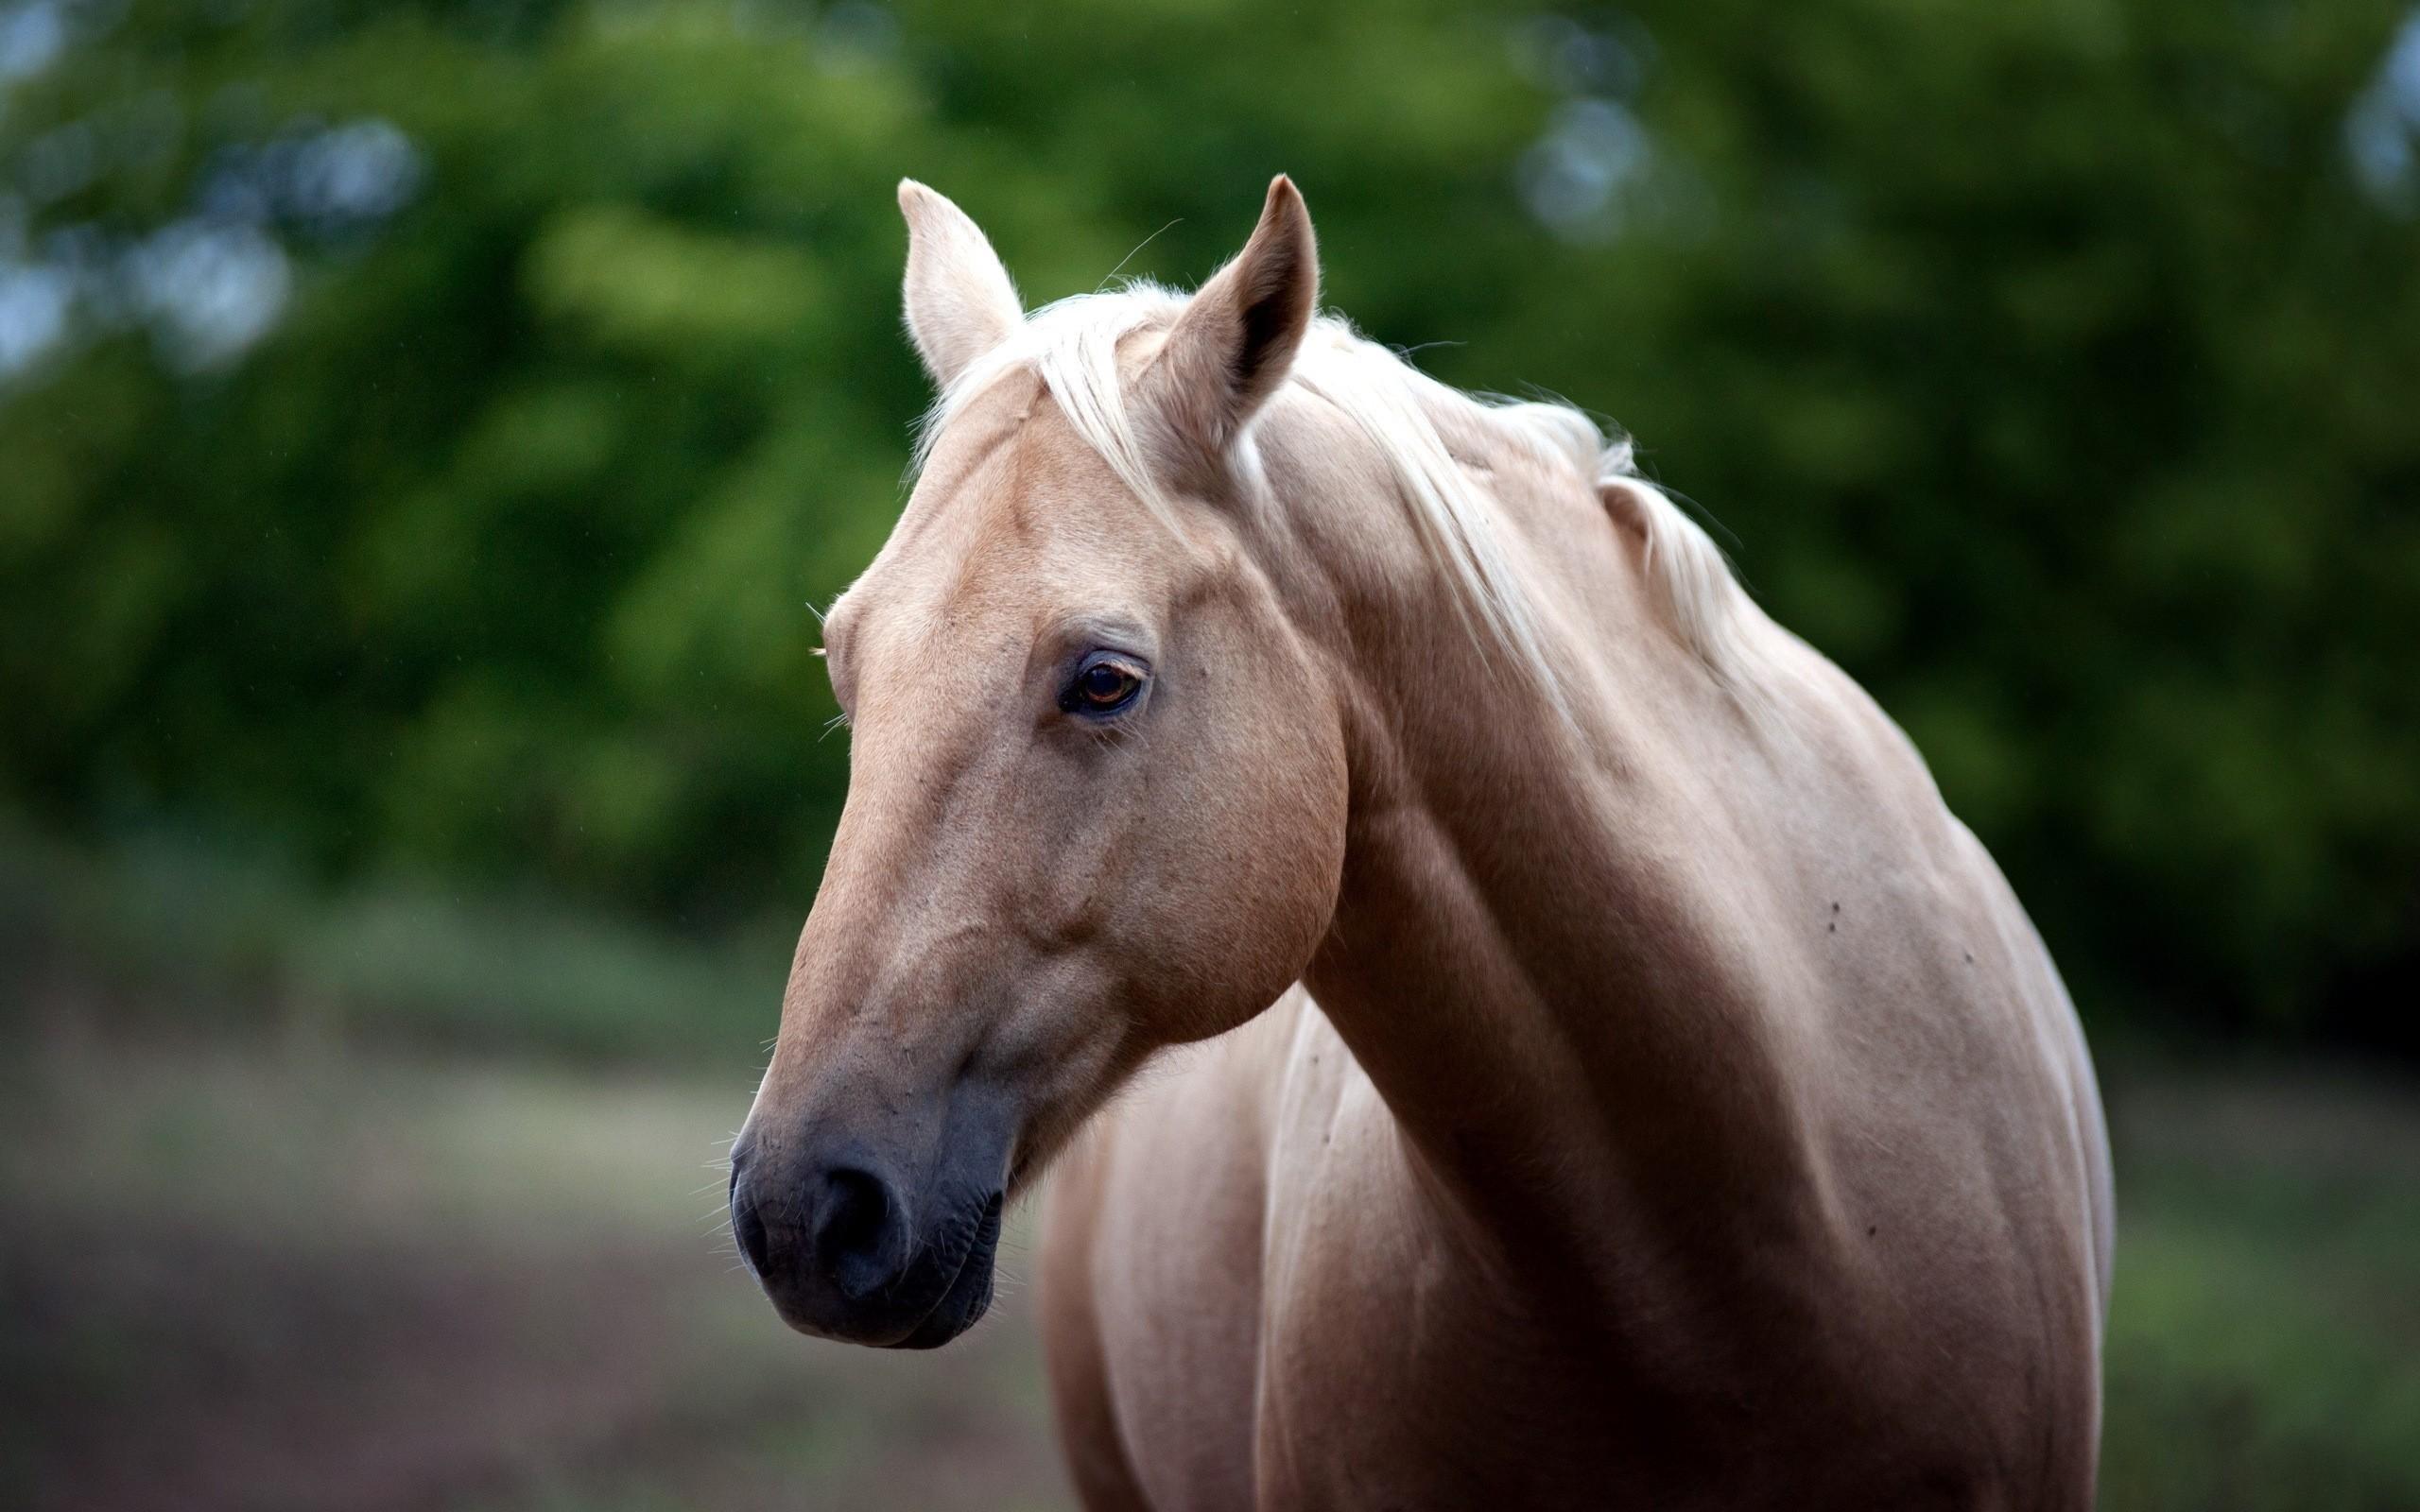 Emberi arckifejezésekkel kommunikálnak a lovak